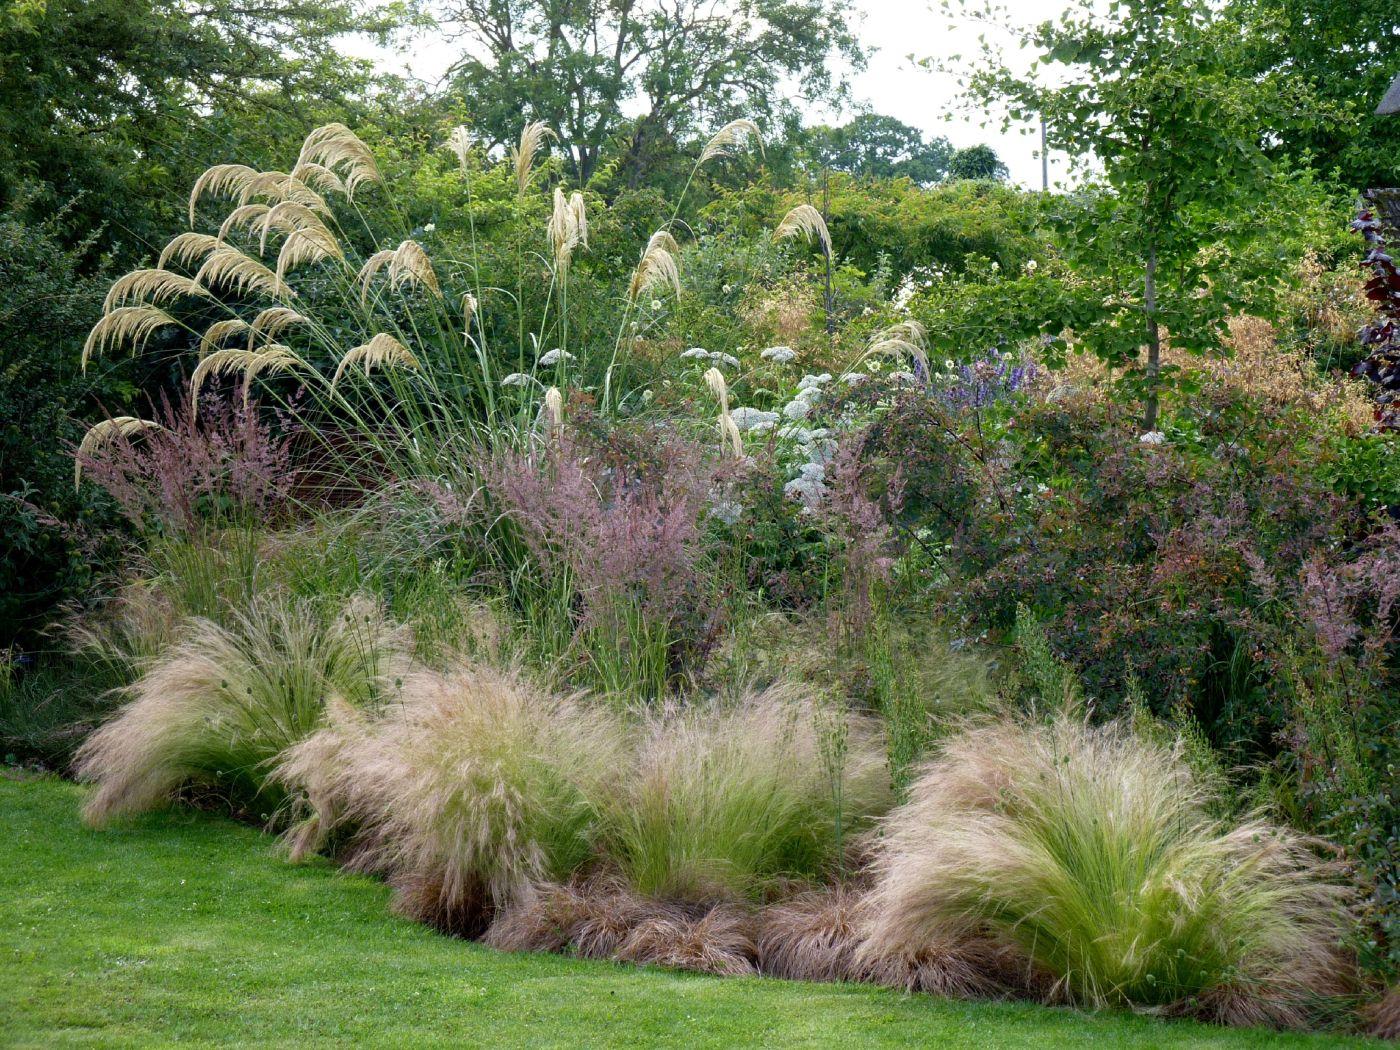 Les Plus Belles Graminées 5 raisons de choisir les graminées | aménagement jardin